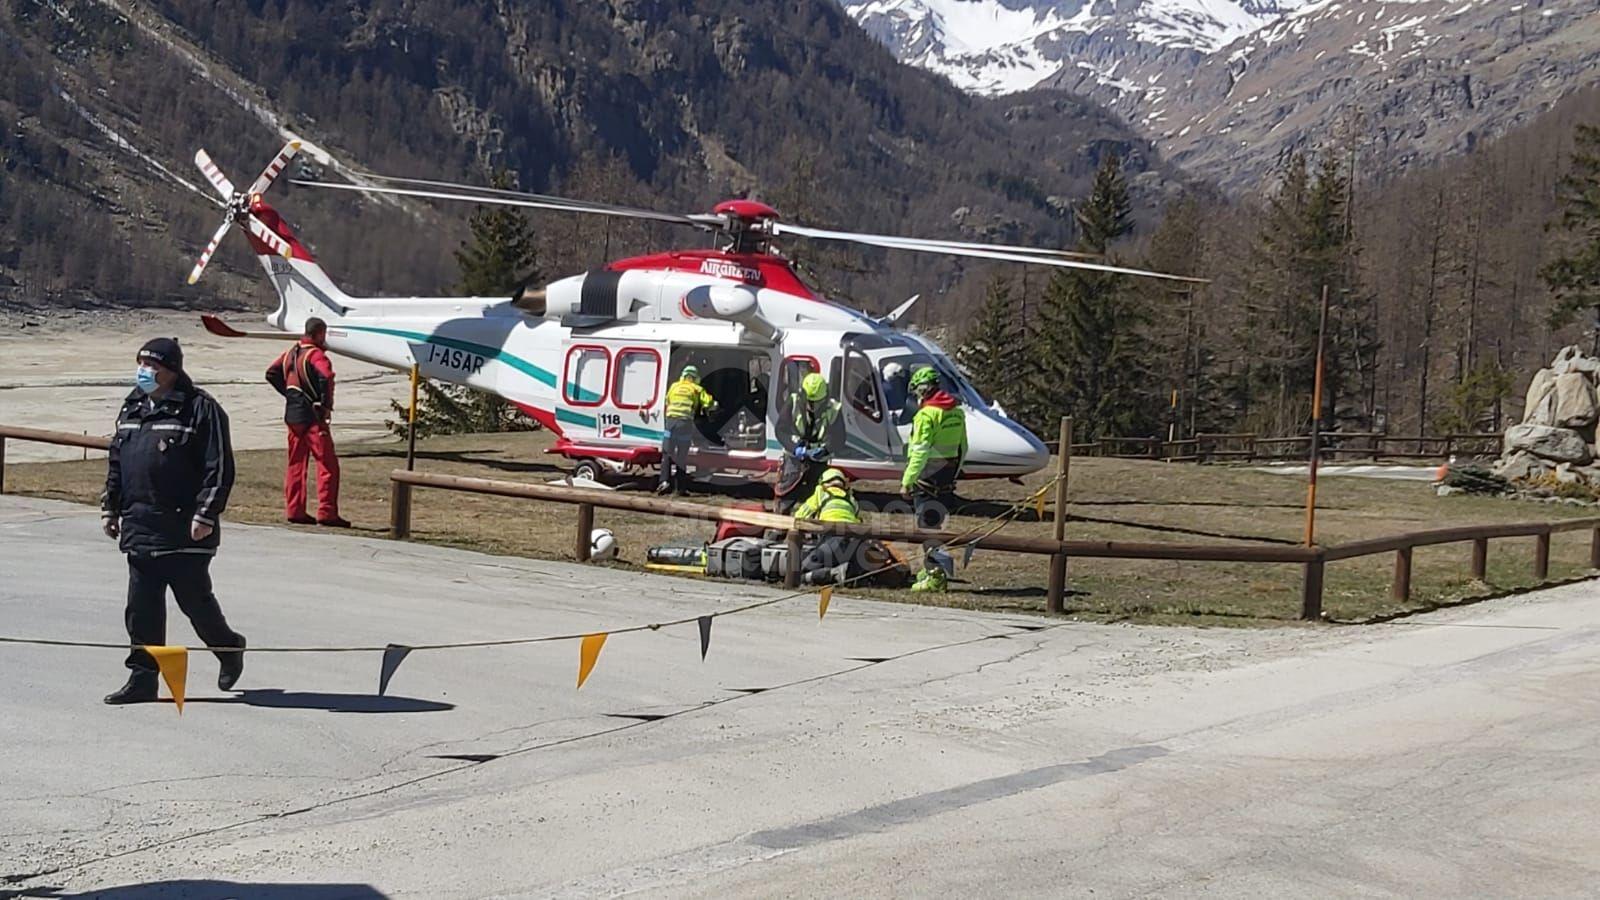 CERESOLE REALE - Scialpinista di Pont Canavese cade in quota, recuperato con l'elisoccorso e trasportato all'ospedale di Ciriè - FOTO e VIDEO